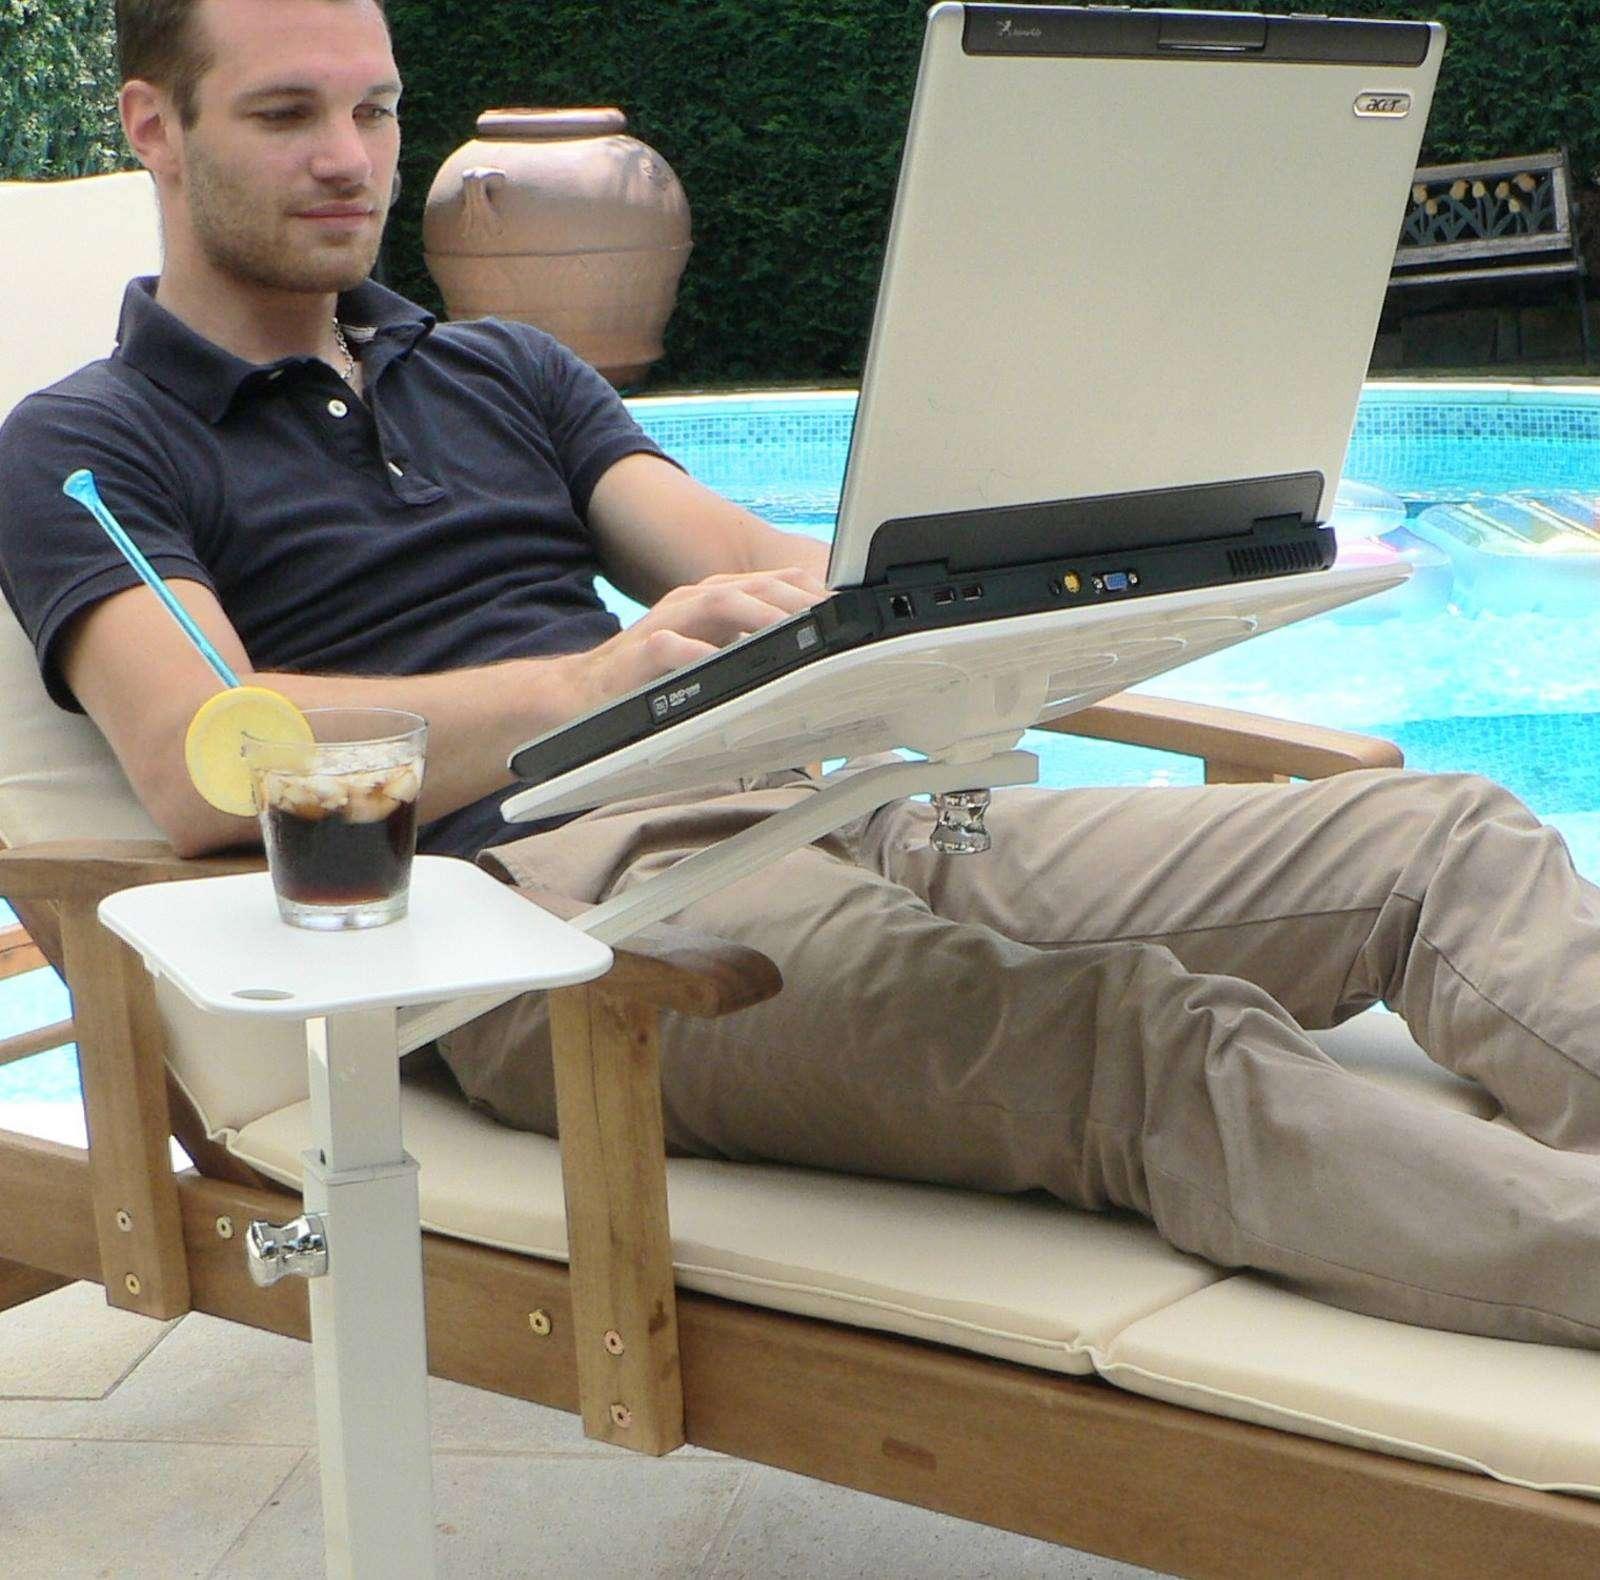 Cu laptopul din grădină, terasă în aer liber